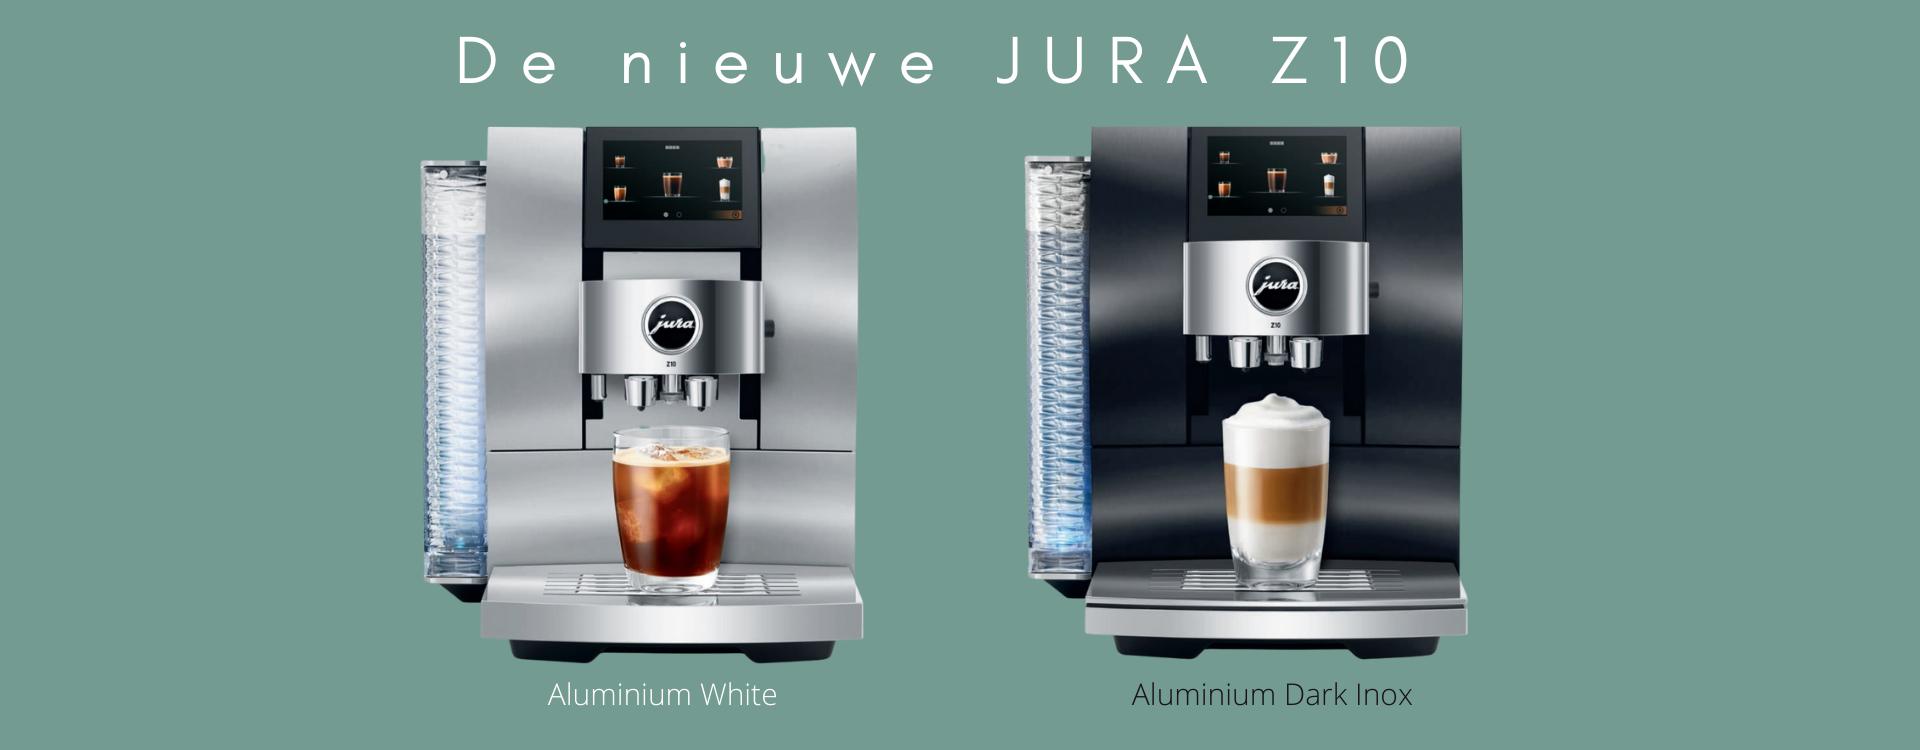 JURA Z10 - test en kenmerken van dé musthave koffiemachine